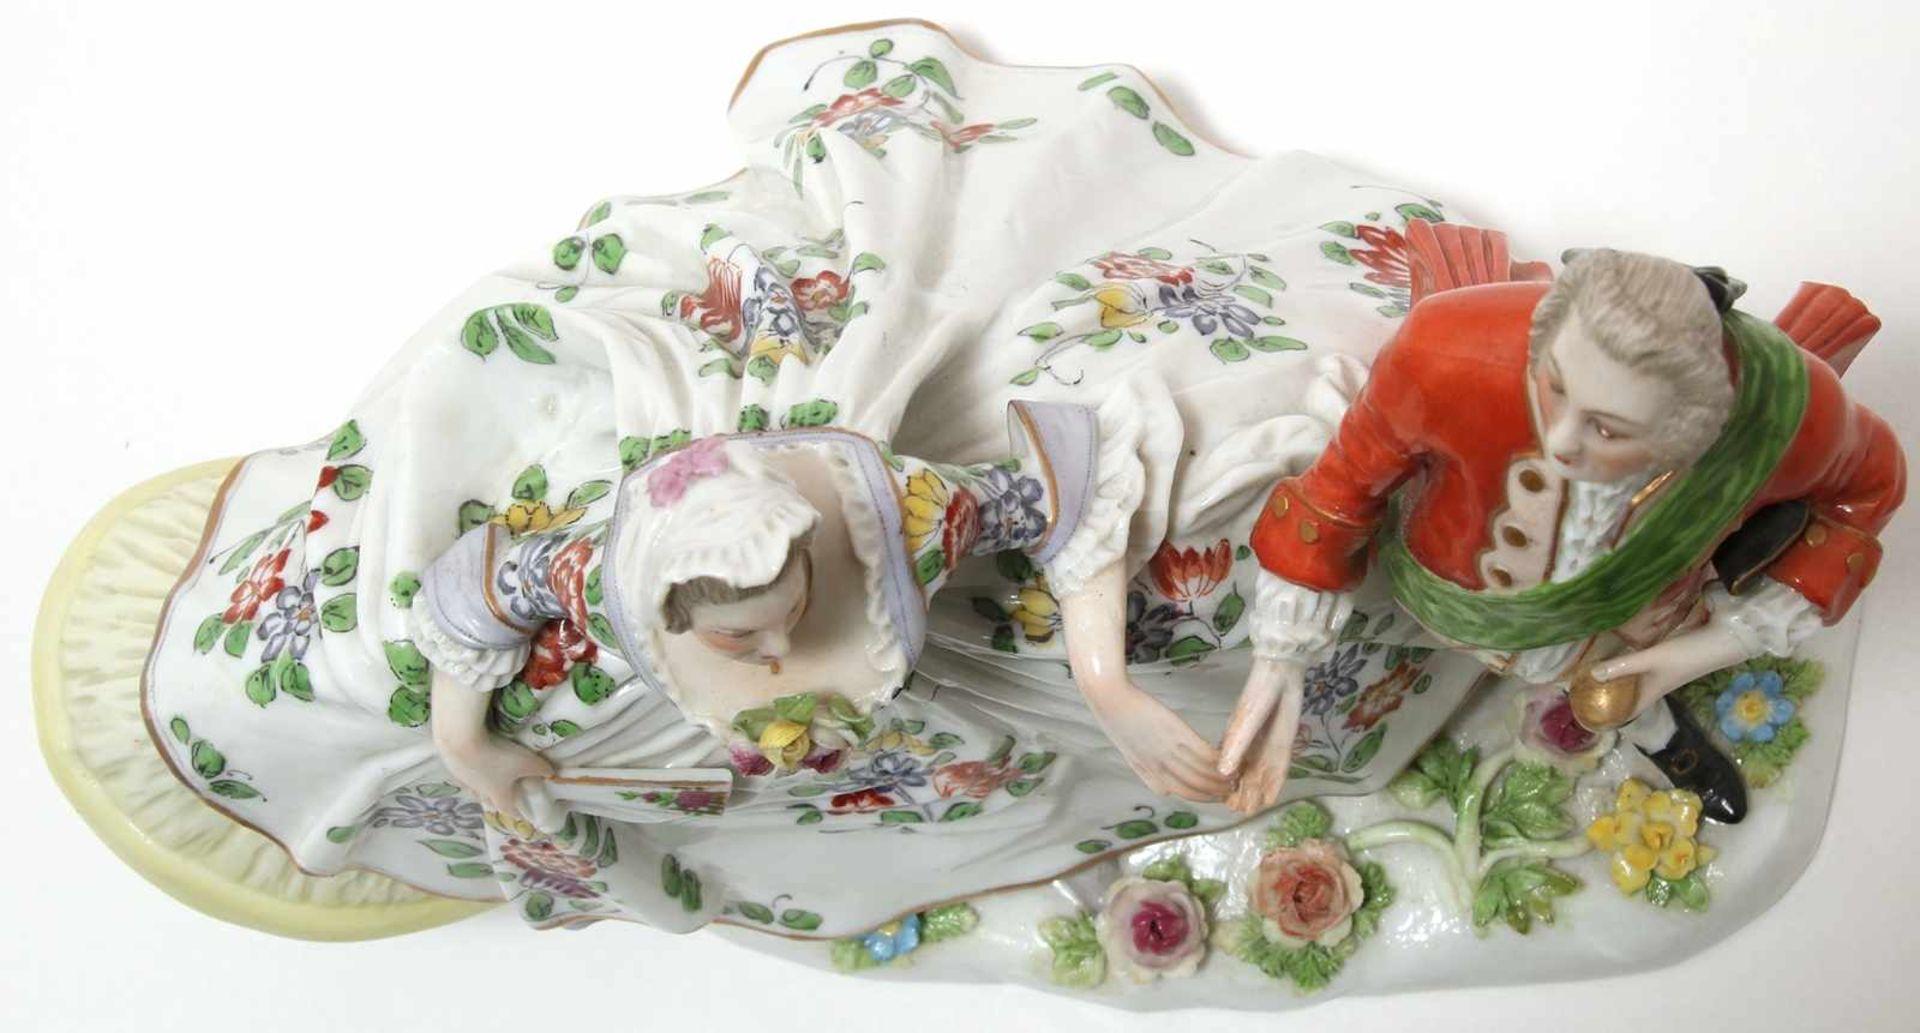 FigurengruppeFrankenthal 18. Jh. Kavalier mit Dame im Krinolinenrock. Porzellan mit aufbossierten - Bild 5 aus 10